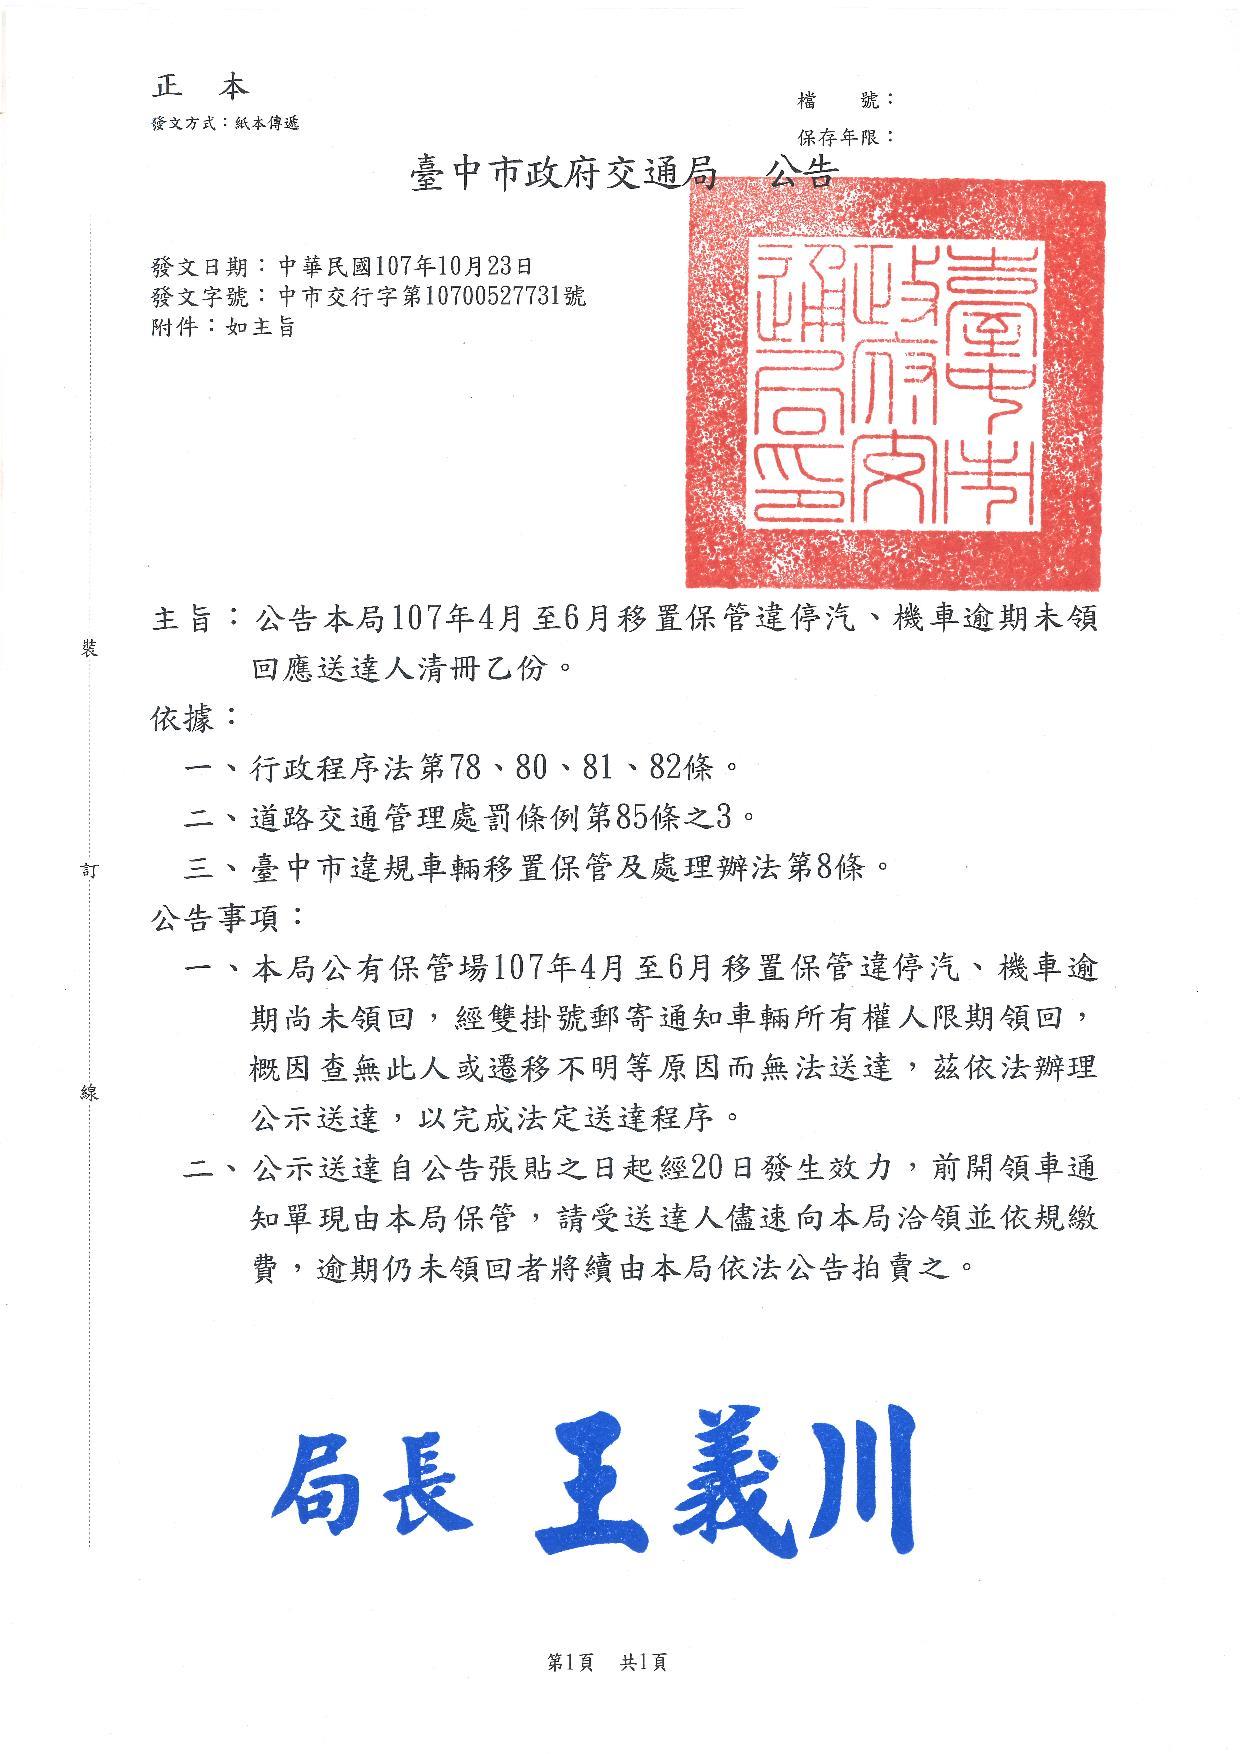 臺中市政府交通局拖吊車公告1